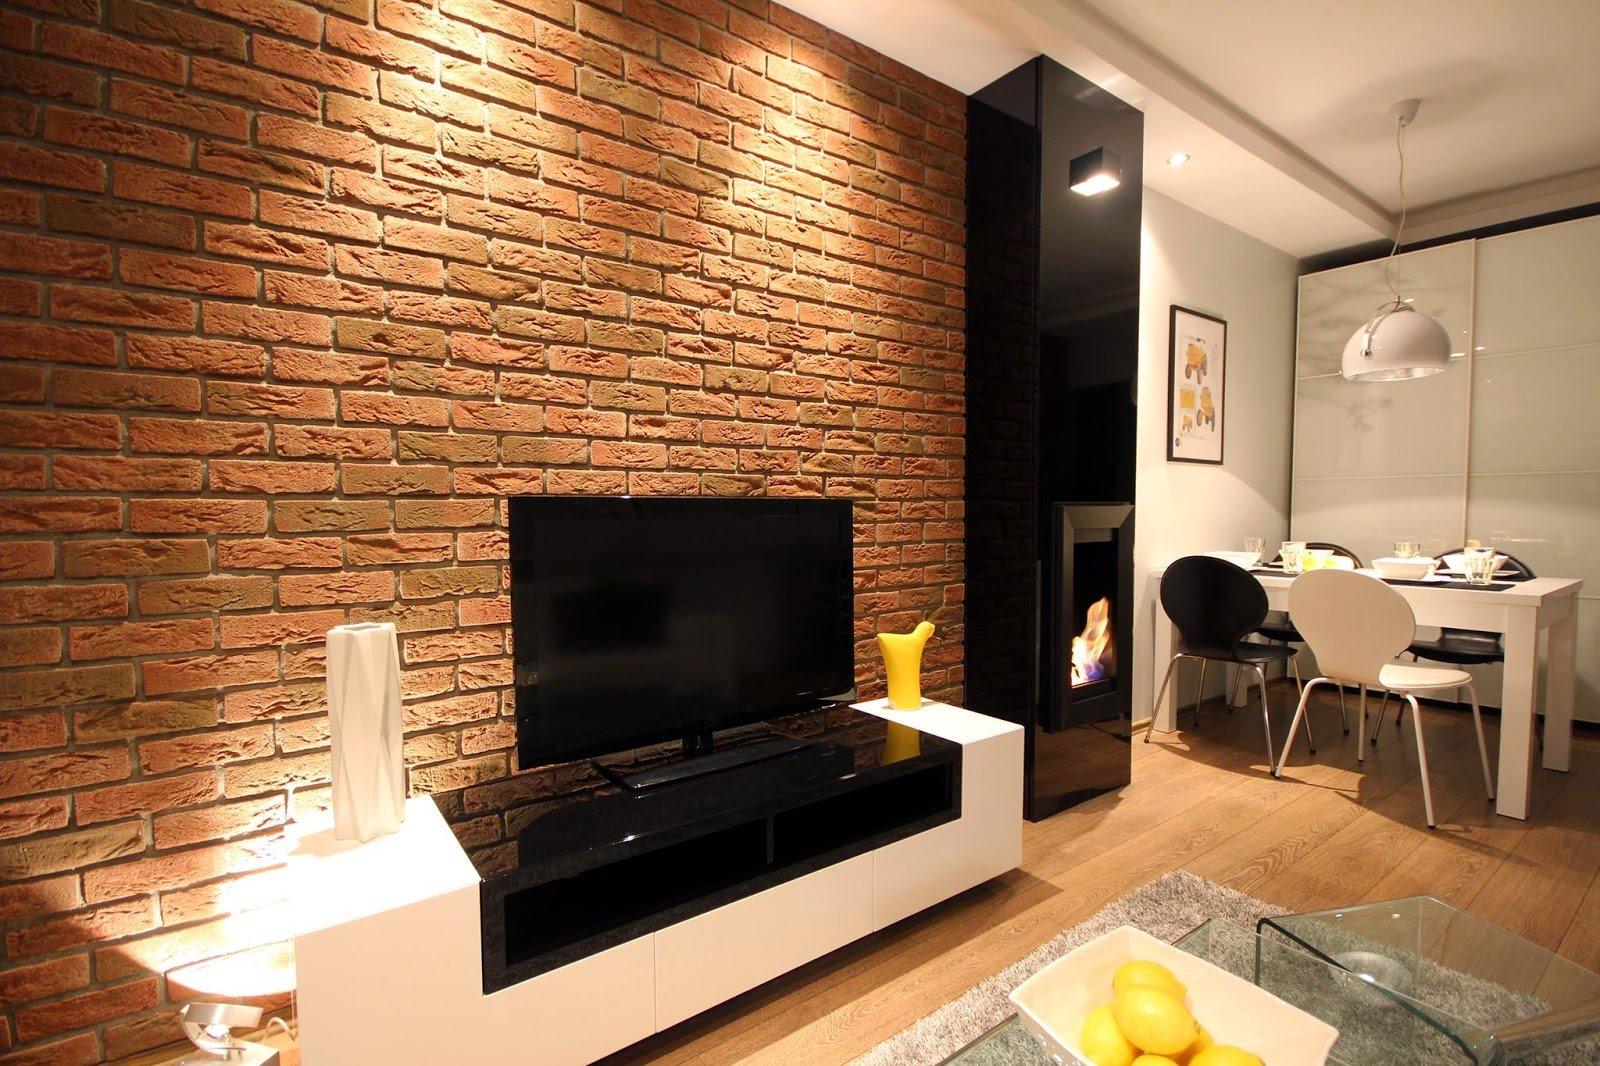 Кирпичная стена в интерьере - фото идеи дизайна